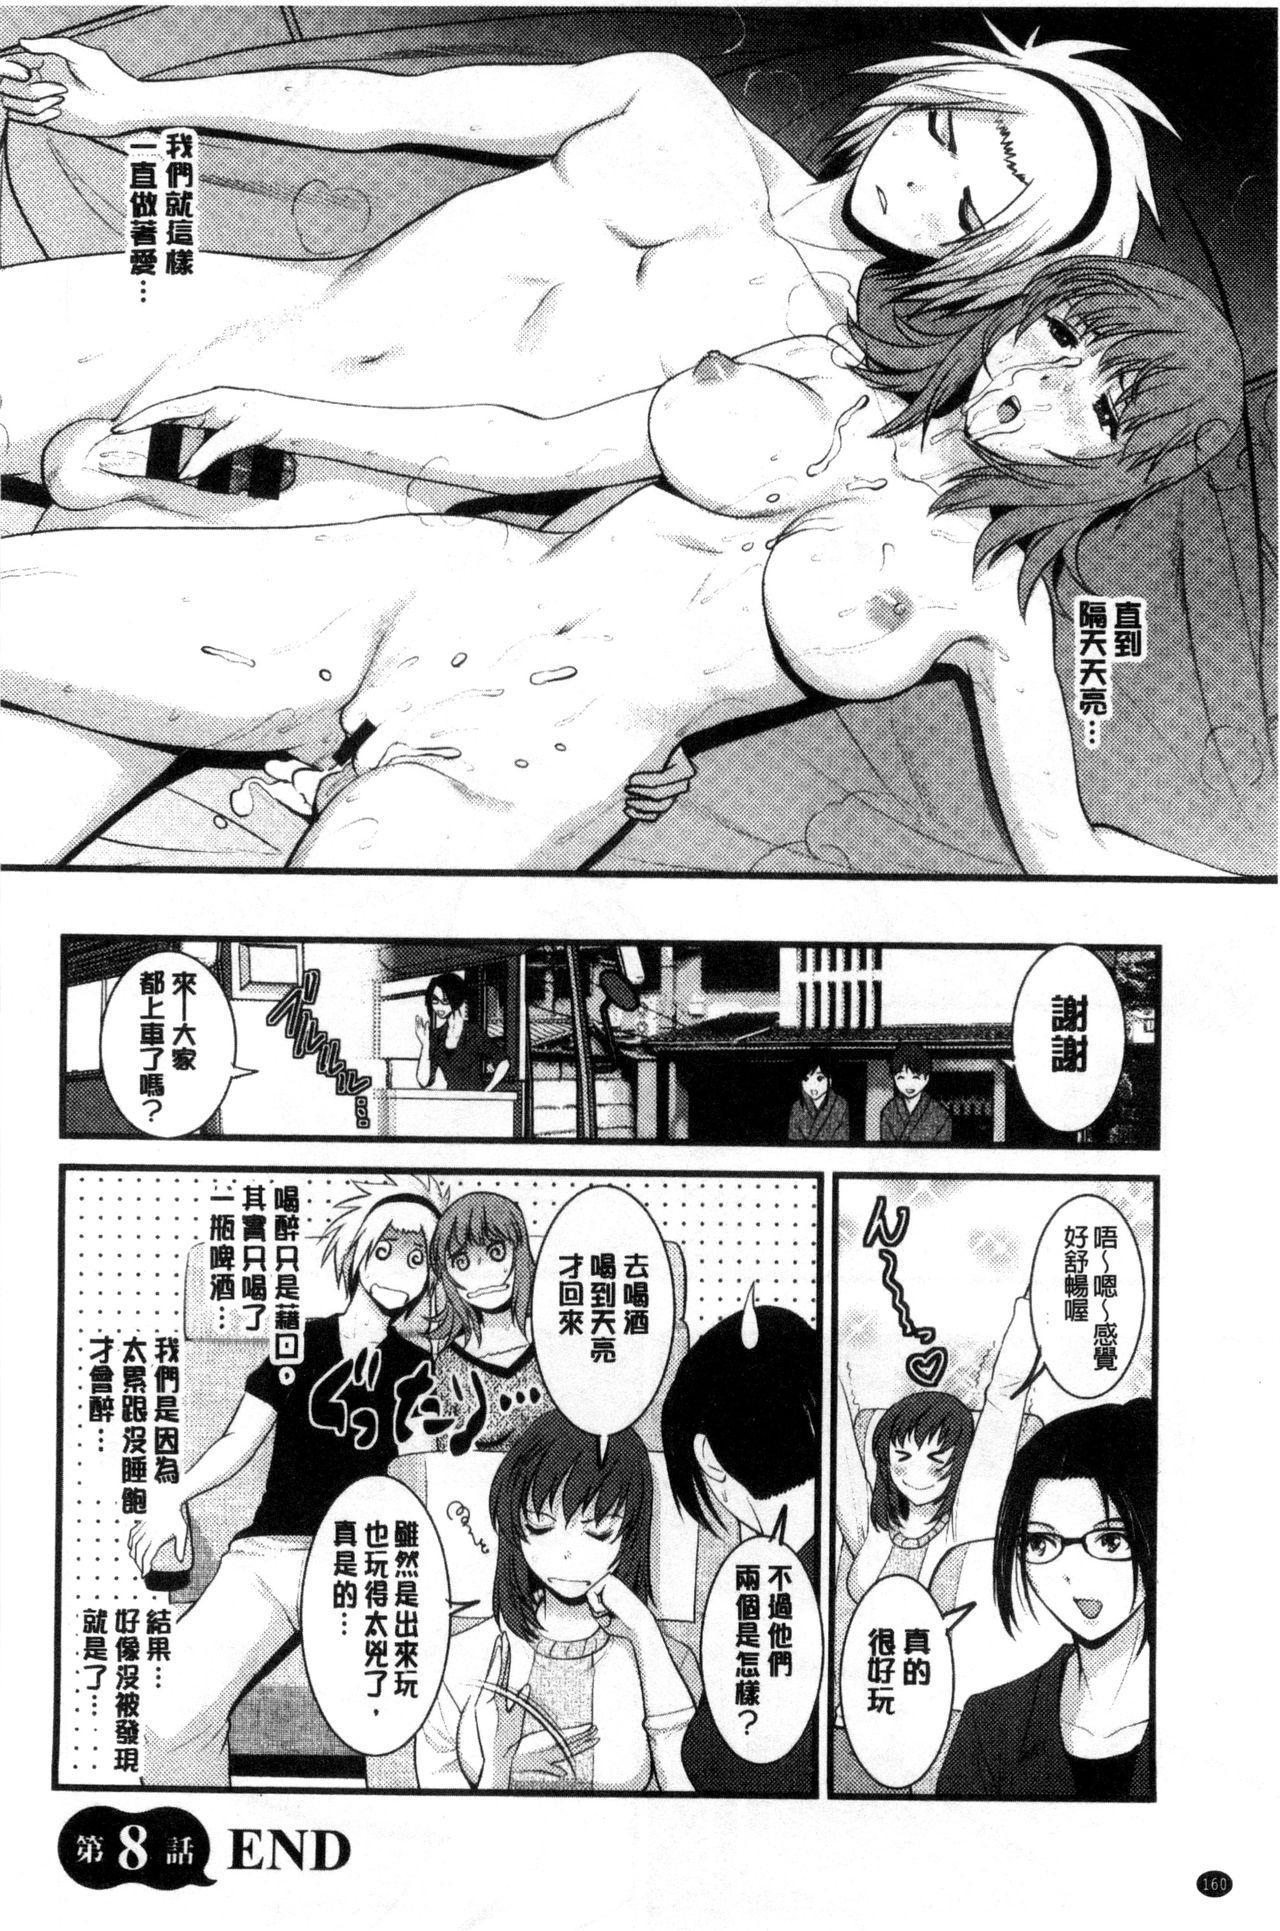 [Saigado] Part Time Manaka-san Wakazuma Enjokousai-ki | 兼職打工的愛花小姐 [Chinese] 160